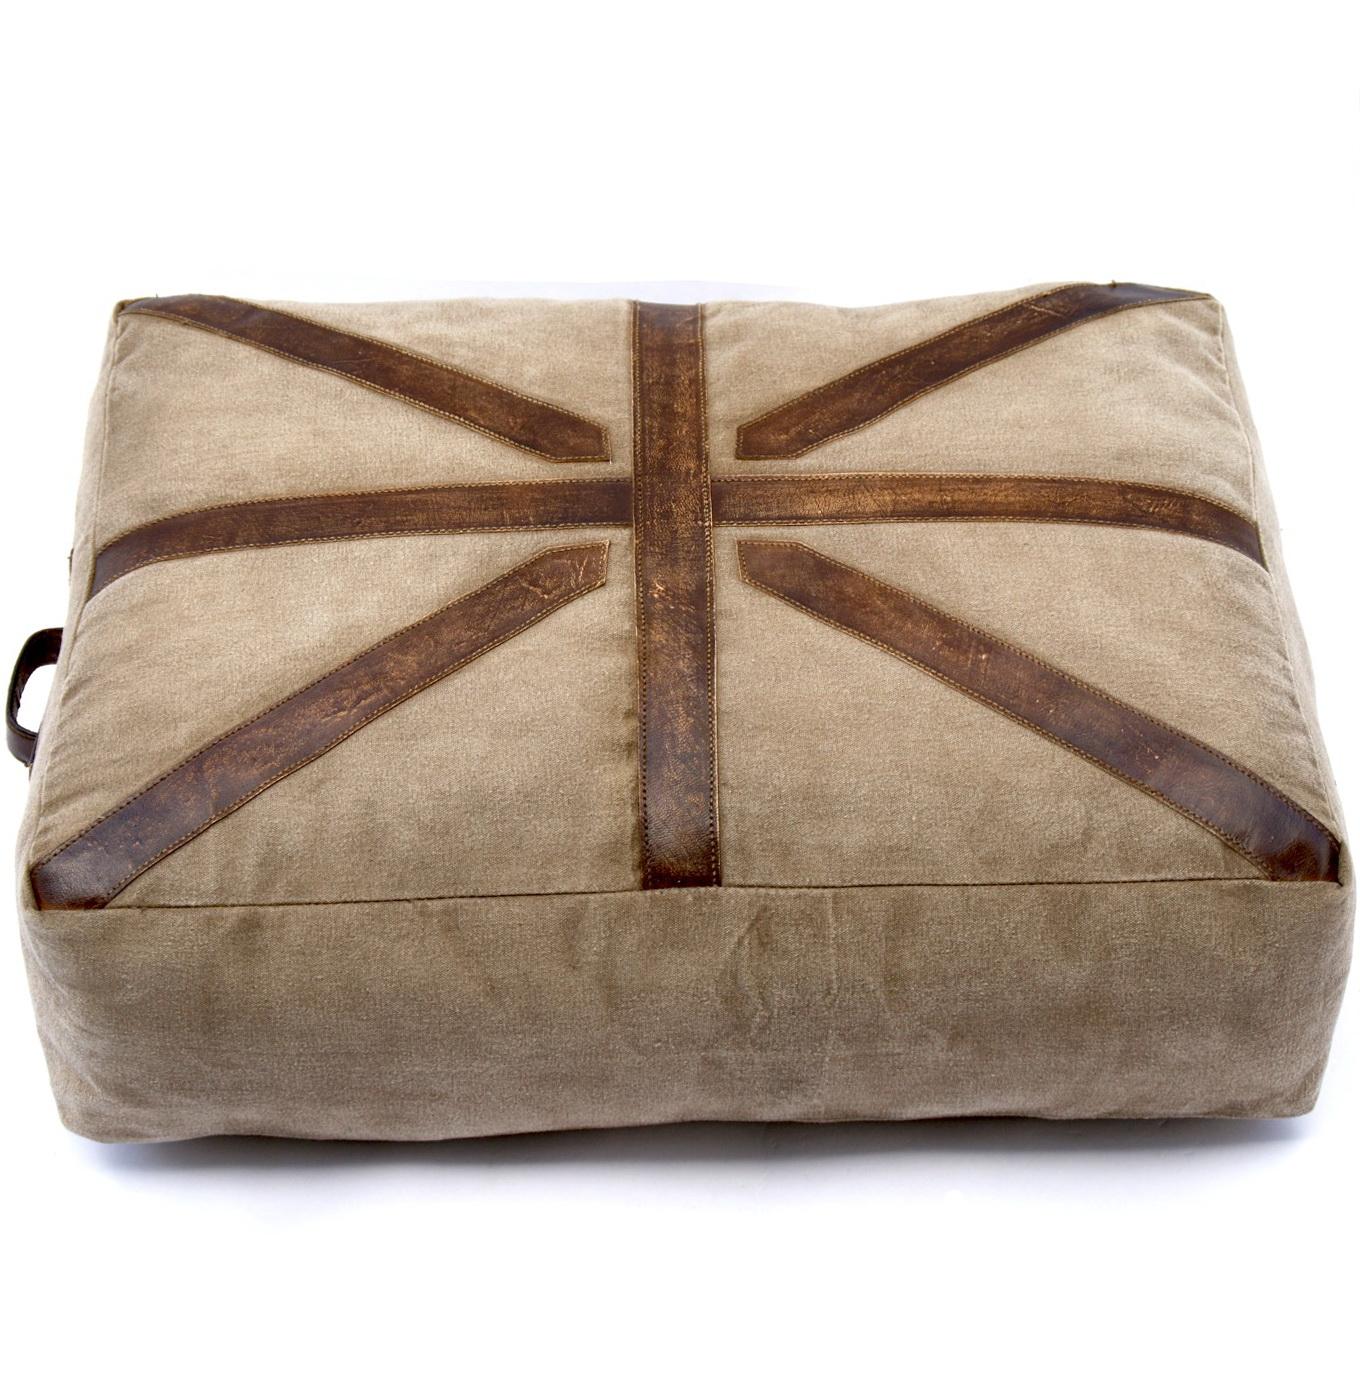 Indian Floor Cushions Uk